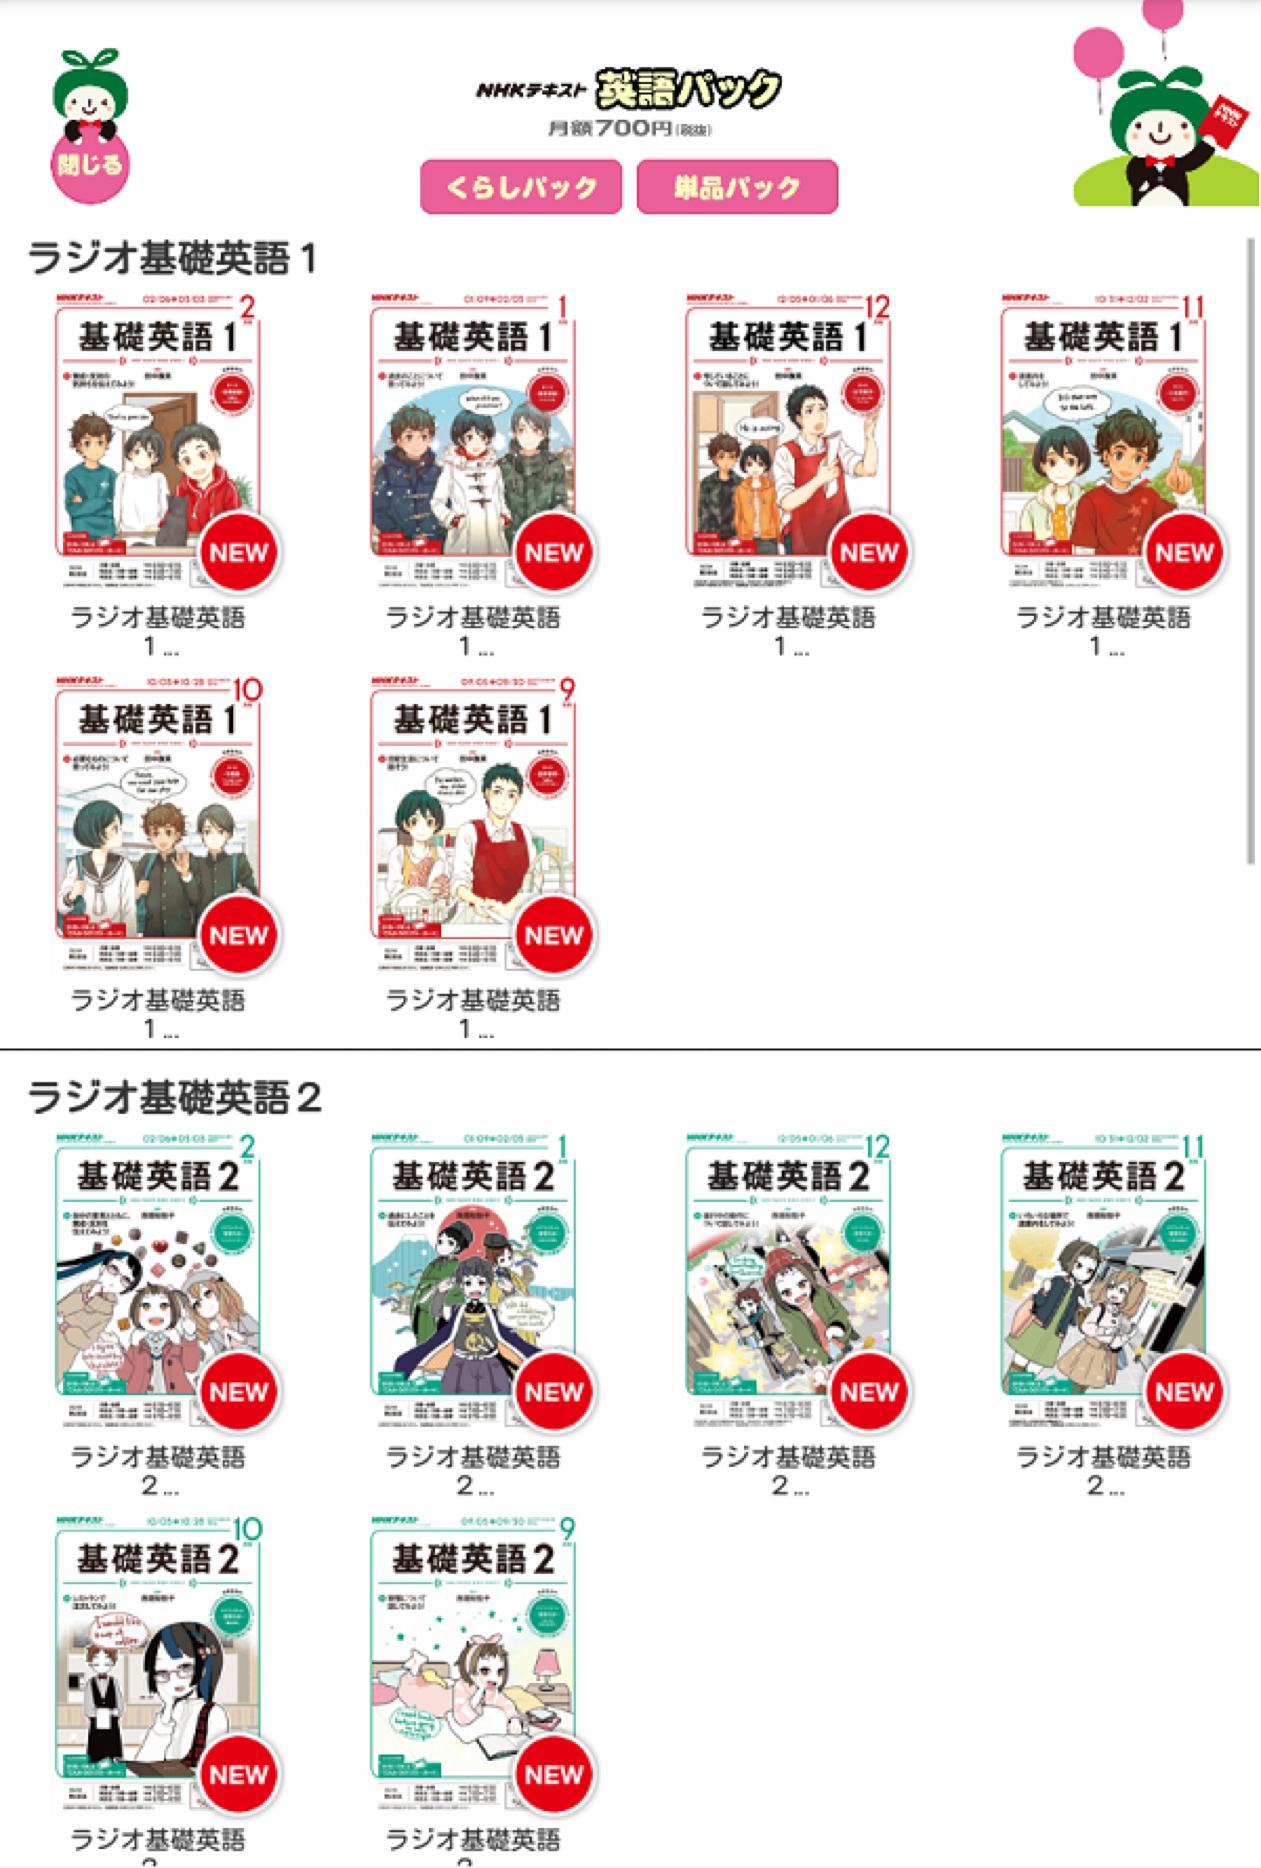 NHKテキストコース ジャンルパック 英語パック トップ画面